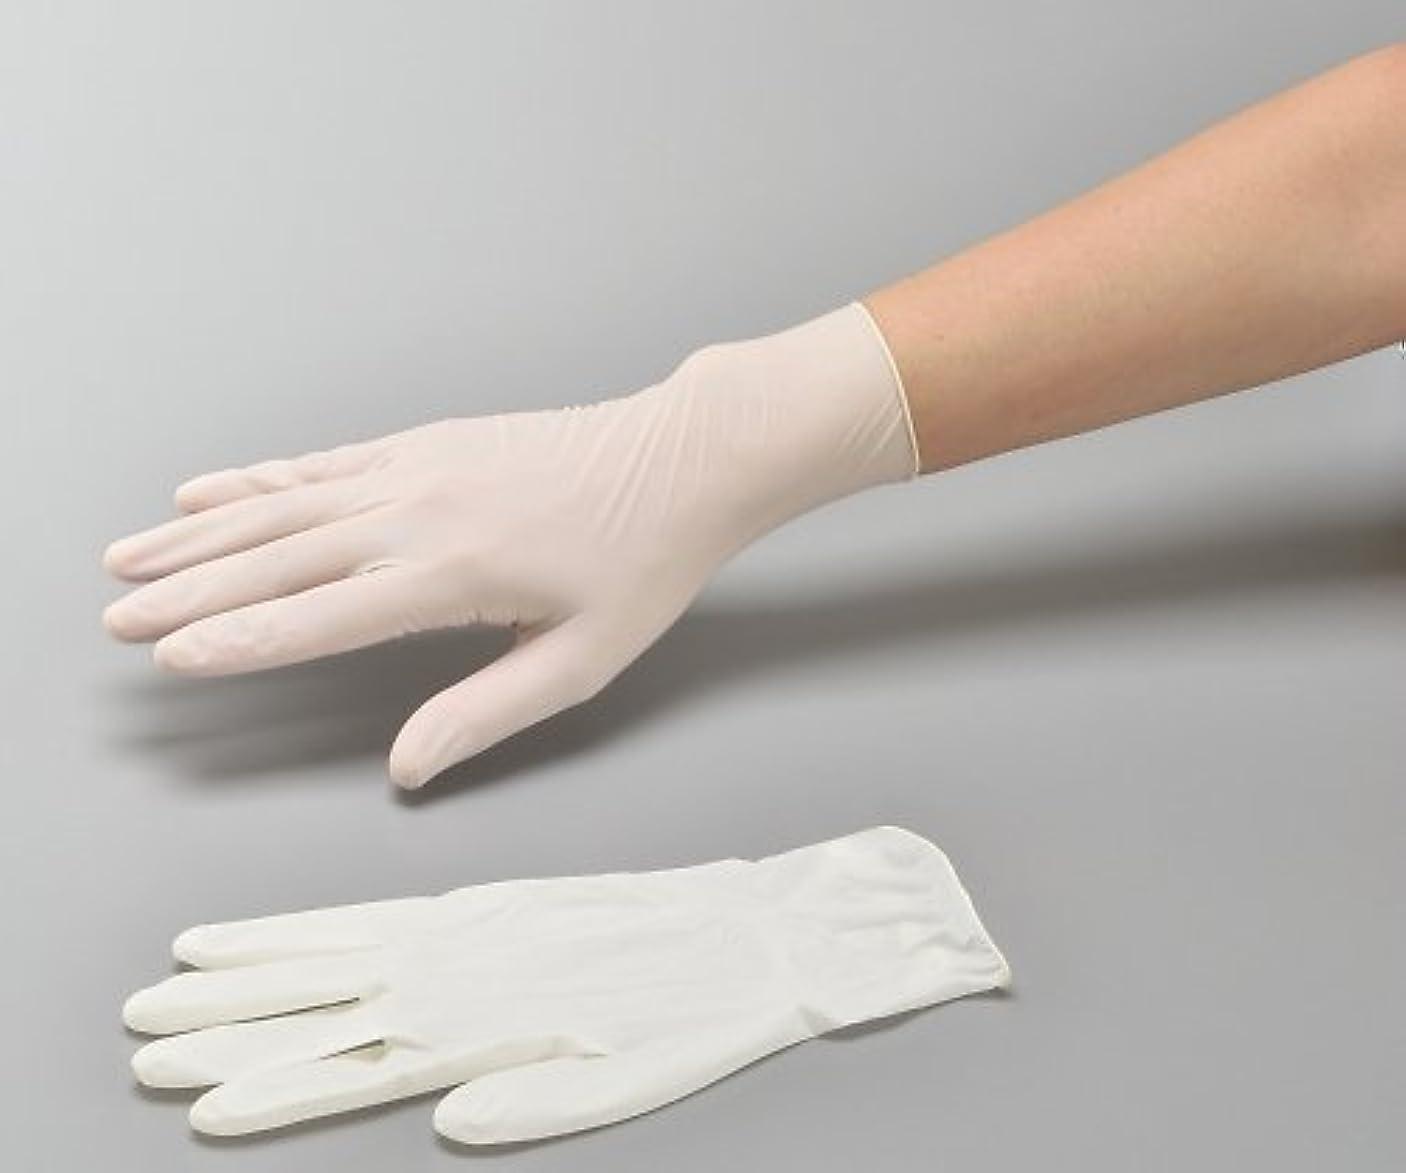 大学肌補助金ナビス(アズワン)8-9970-02ナビロール手袋(指先エンボス?エコノミータイプ?パウダー付)M1箱(100枚入)